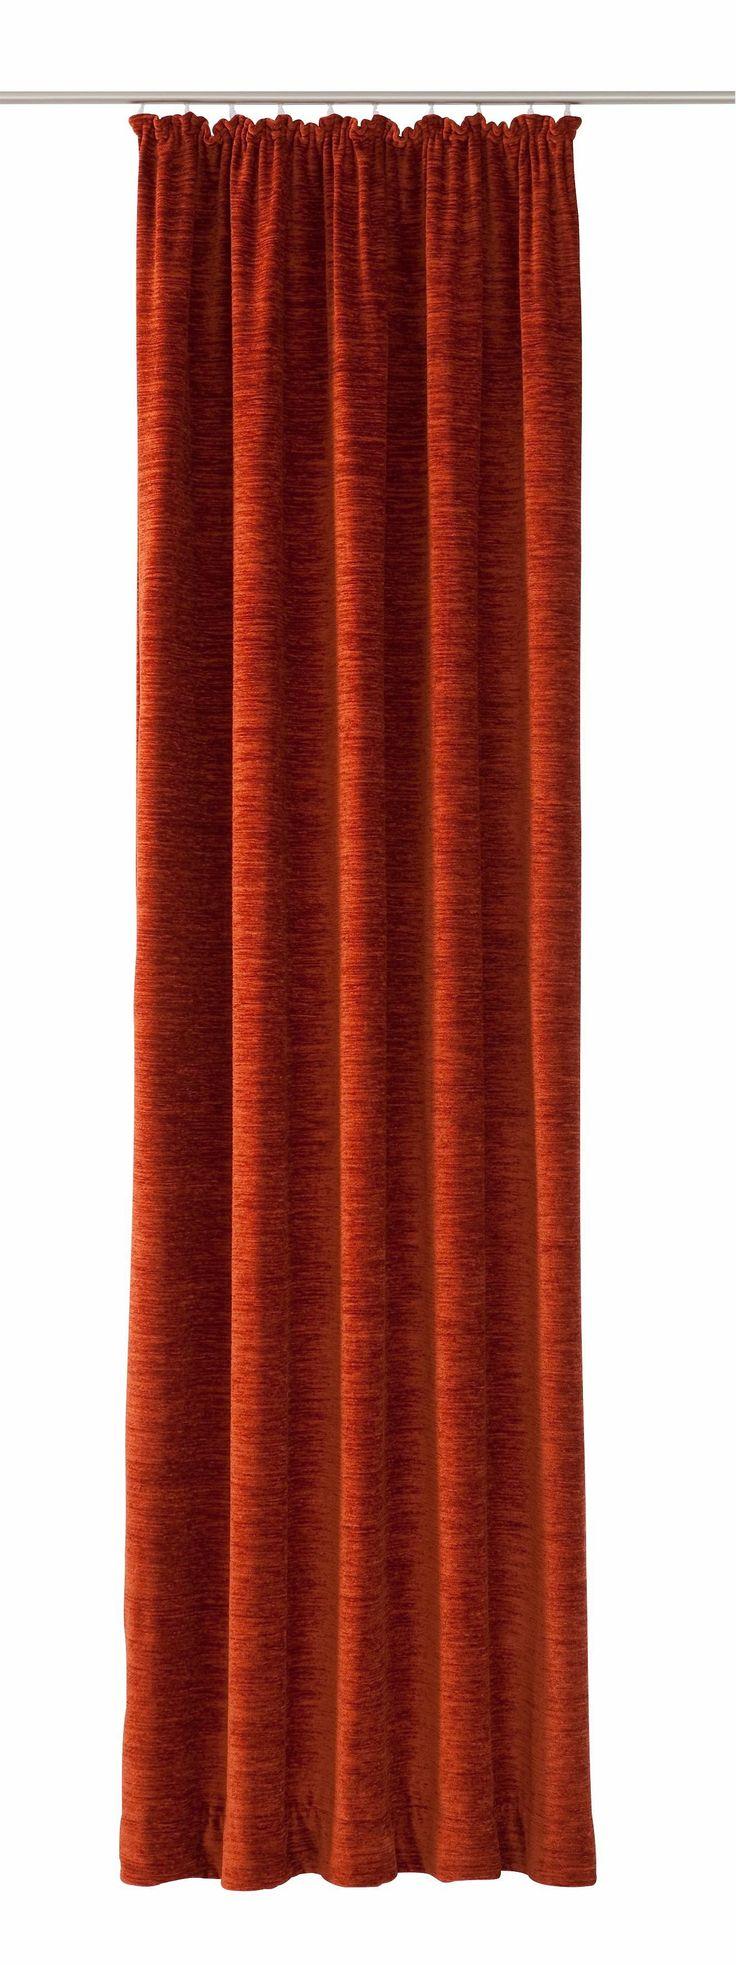 geraumiges gardinen wohnzimmer rot atemberaubende pic der bdbcabffee